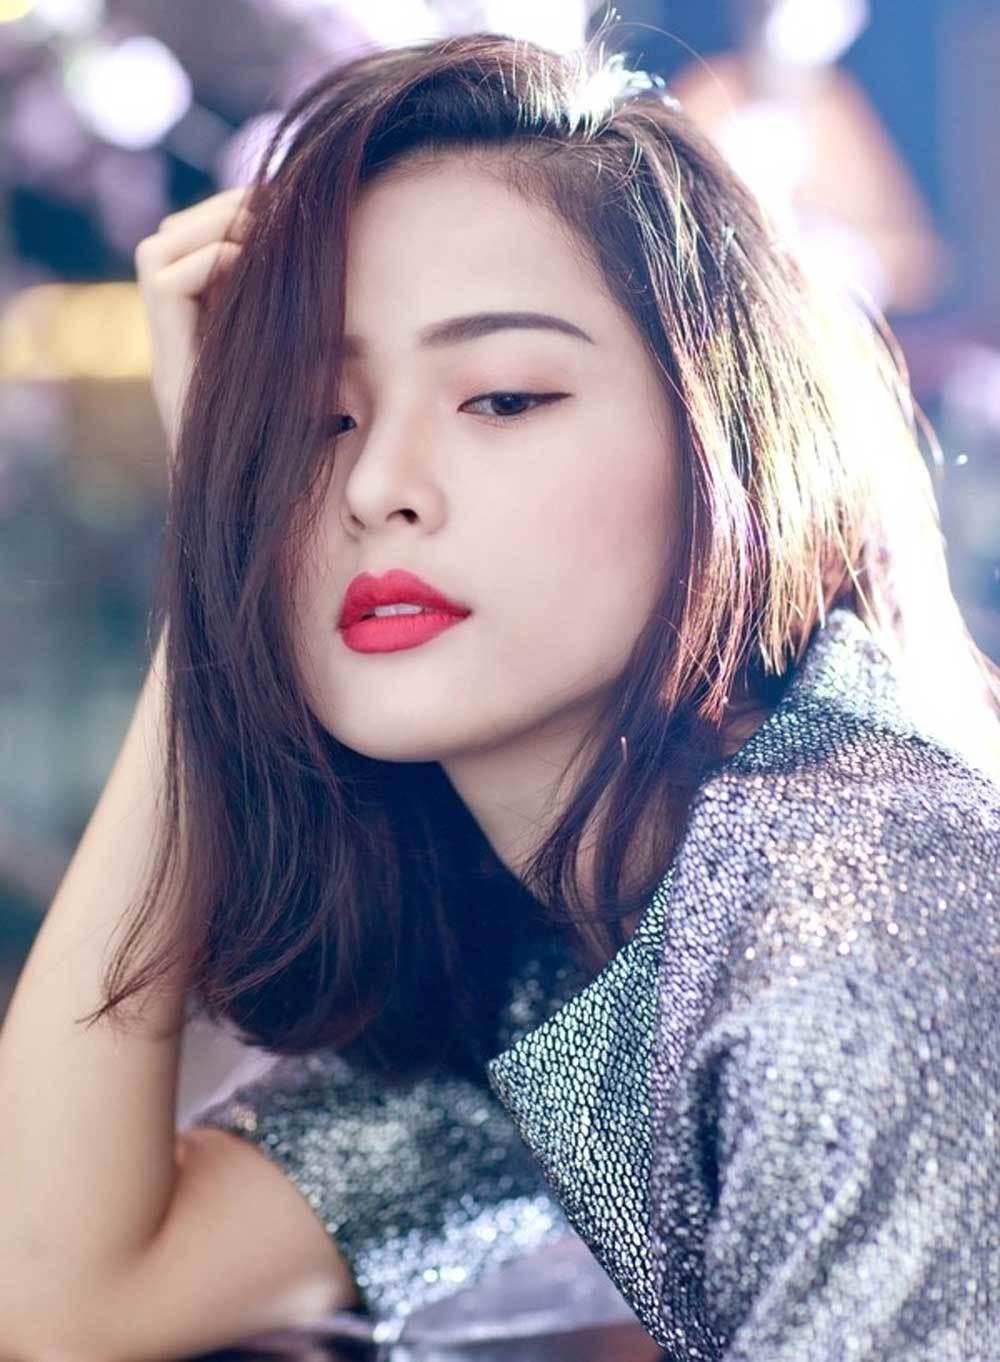 Cường Đô la: 'Phụ nữ là để yêu, không phải để so sánh xấu đẹp'